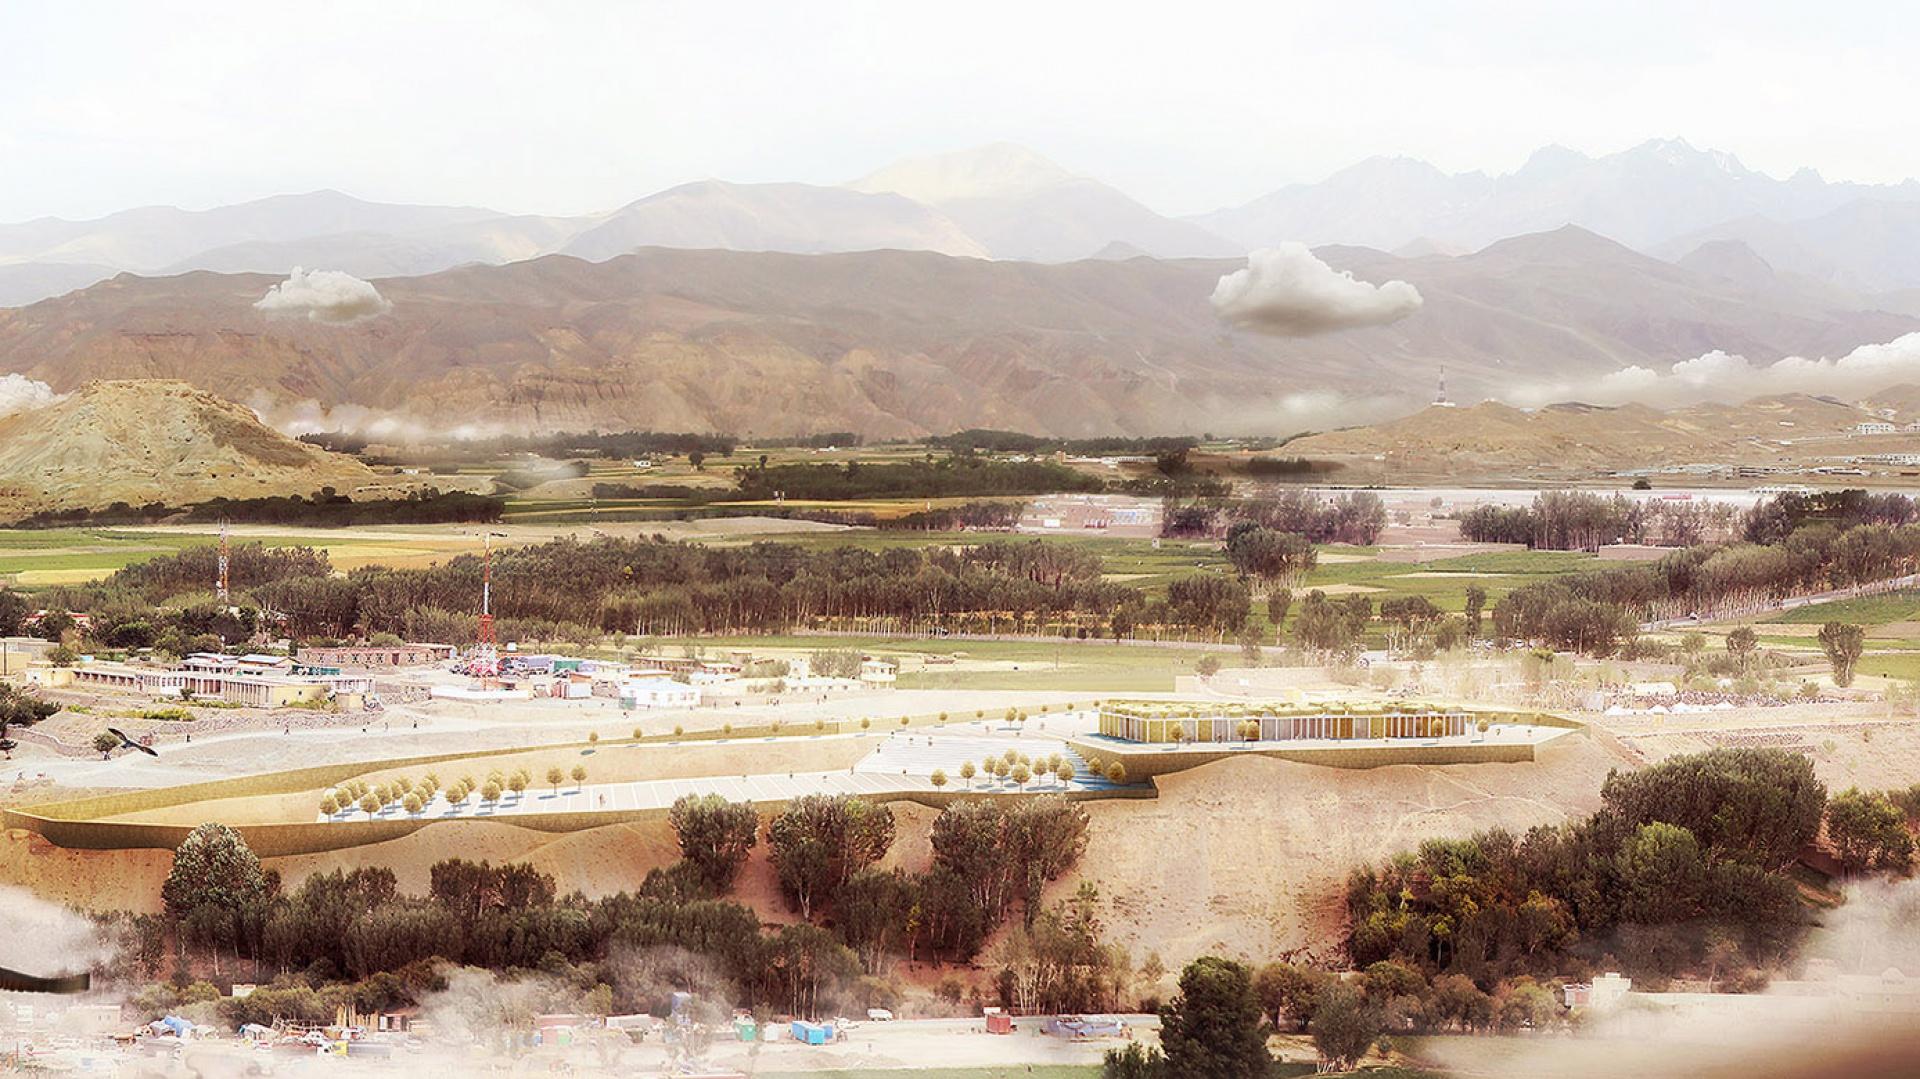 Centrum Kultury w Bamiyan w Afganistanie. Rys. BXBstudio